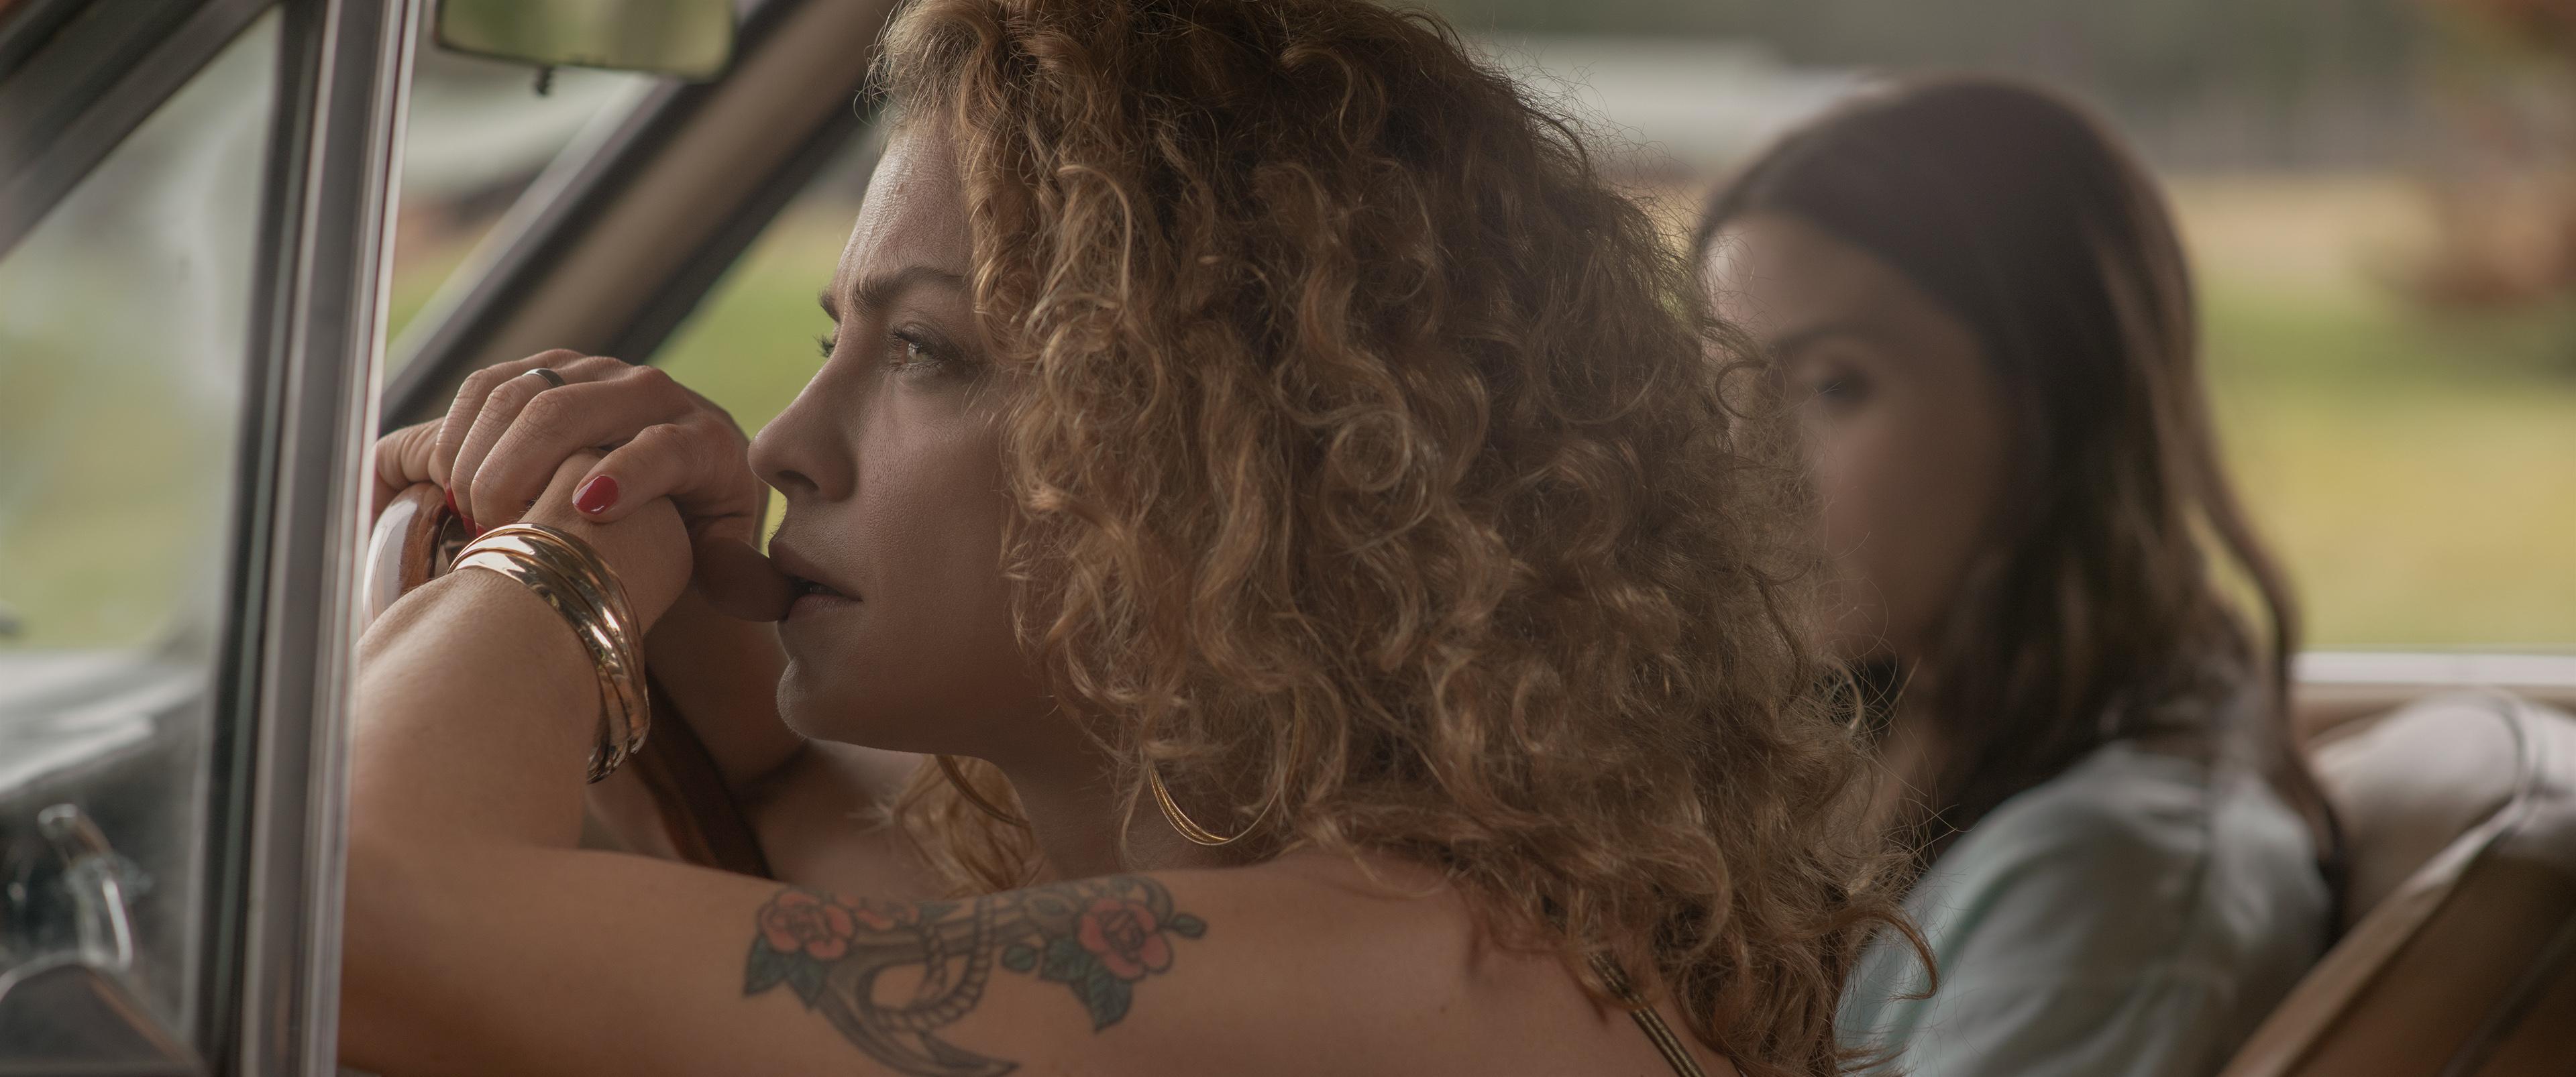 FEVER DREAM (de izquierda a derecha) Dolores Fonzi como Carola y Maria Valverde como Amanda en FEVER DREAM.  Registro comercial.  Diego Araya / Netflix © 2021